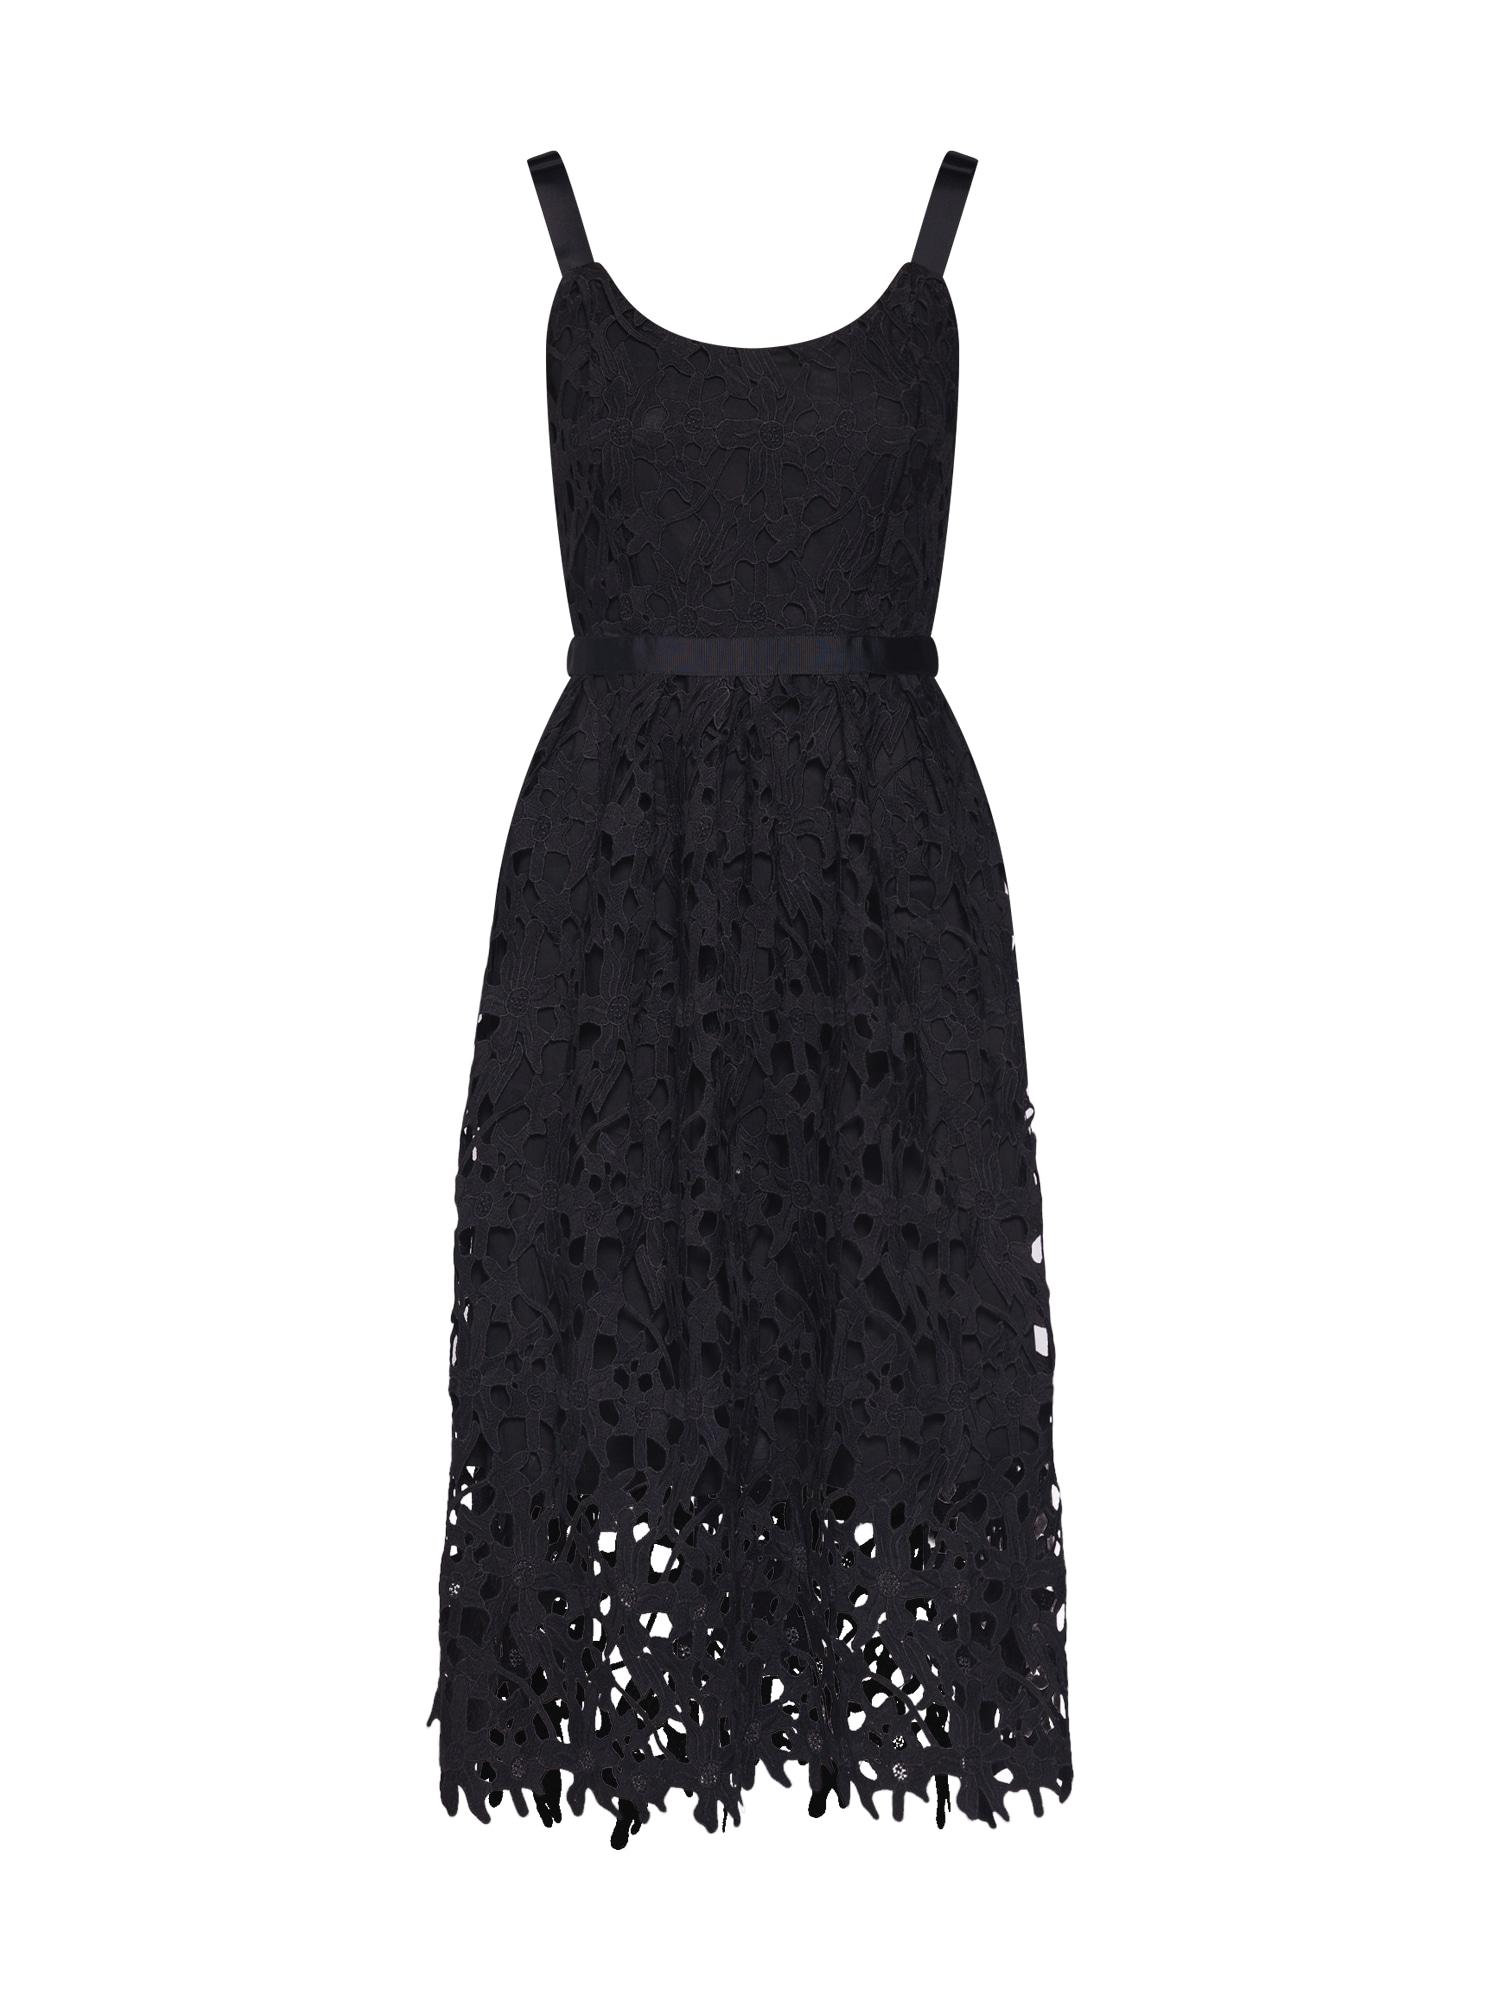 Šaty Jara černá MICHALSKY FOR ABOUT YOU